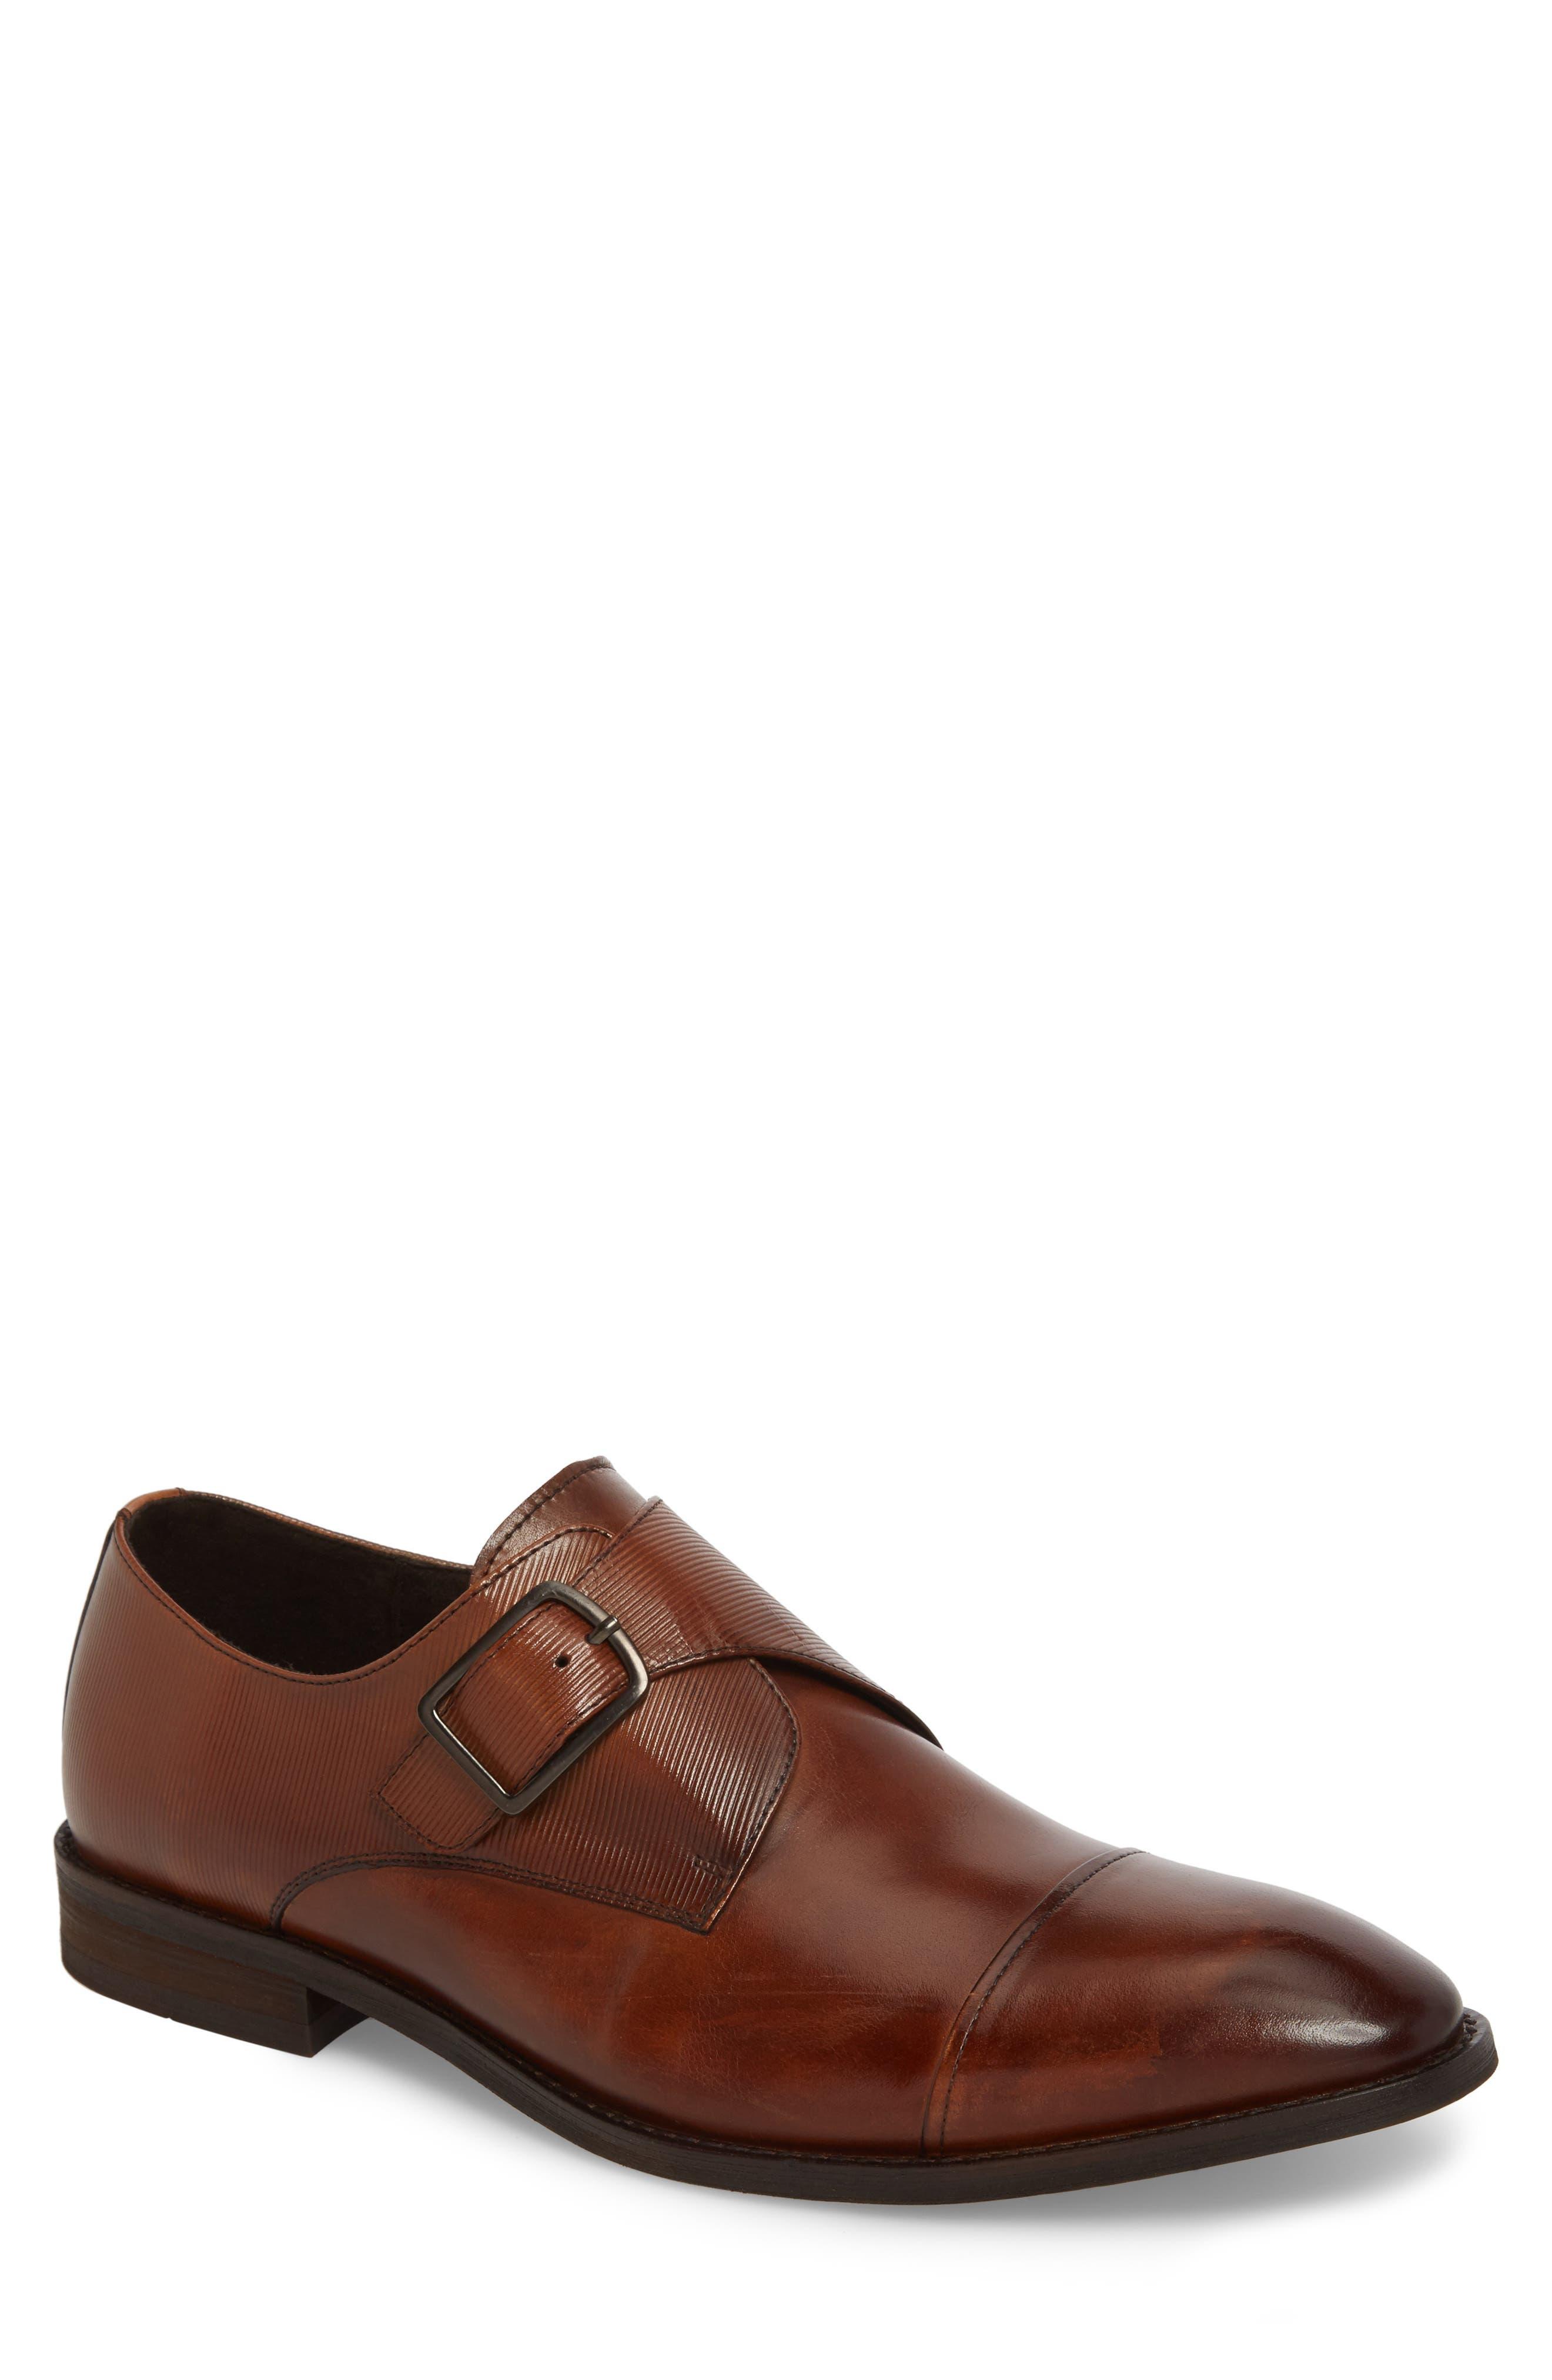 Courage Monk Strap Shoe,                         Main,                         color, Cognac Leather